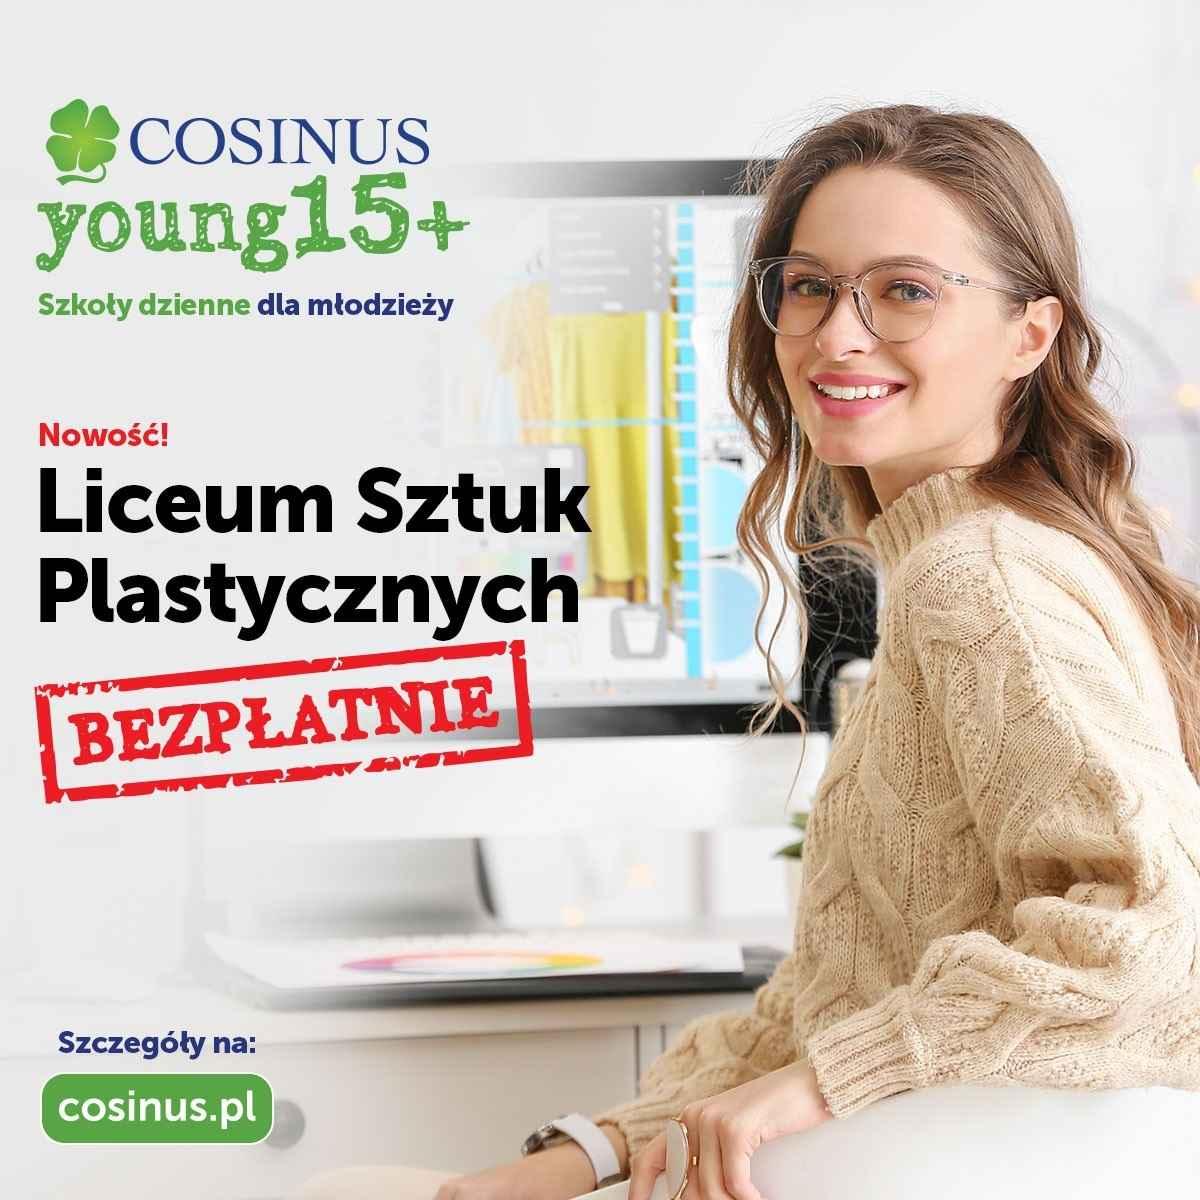 Nowe Liceum Sztuk Plastycznych Cosinus Wola - zdjęcie 1